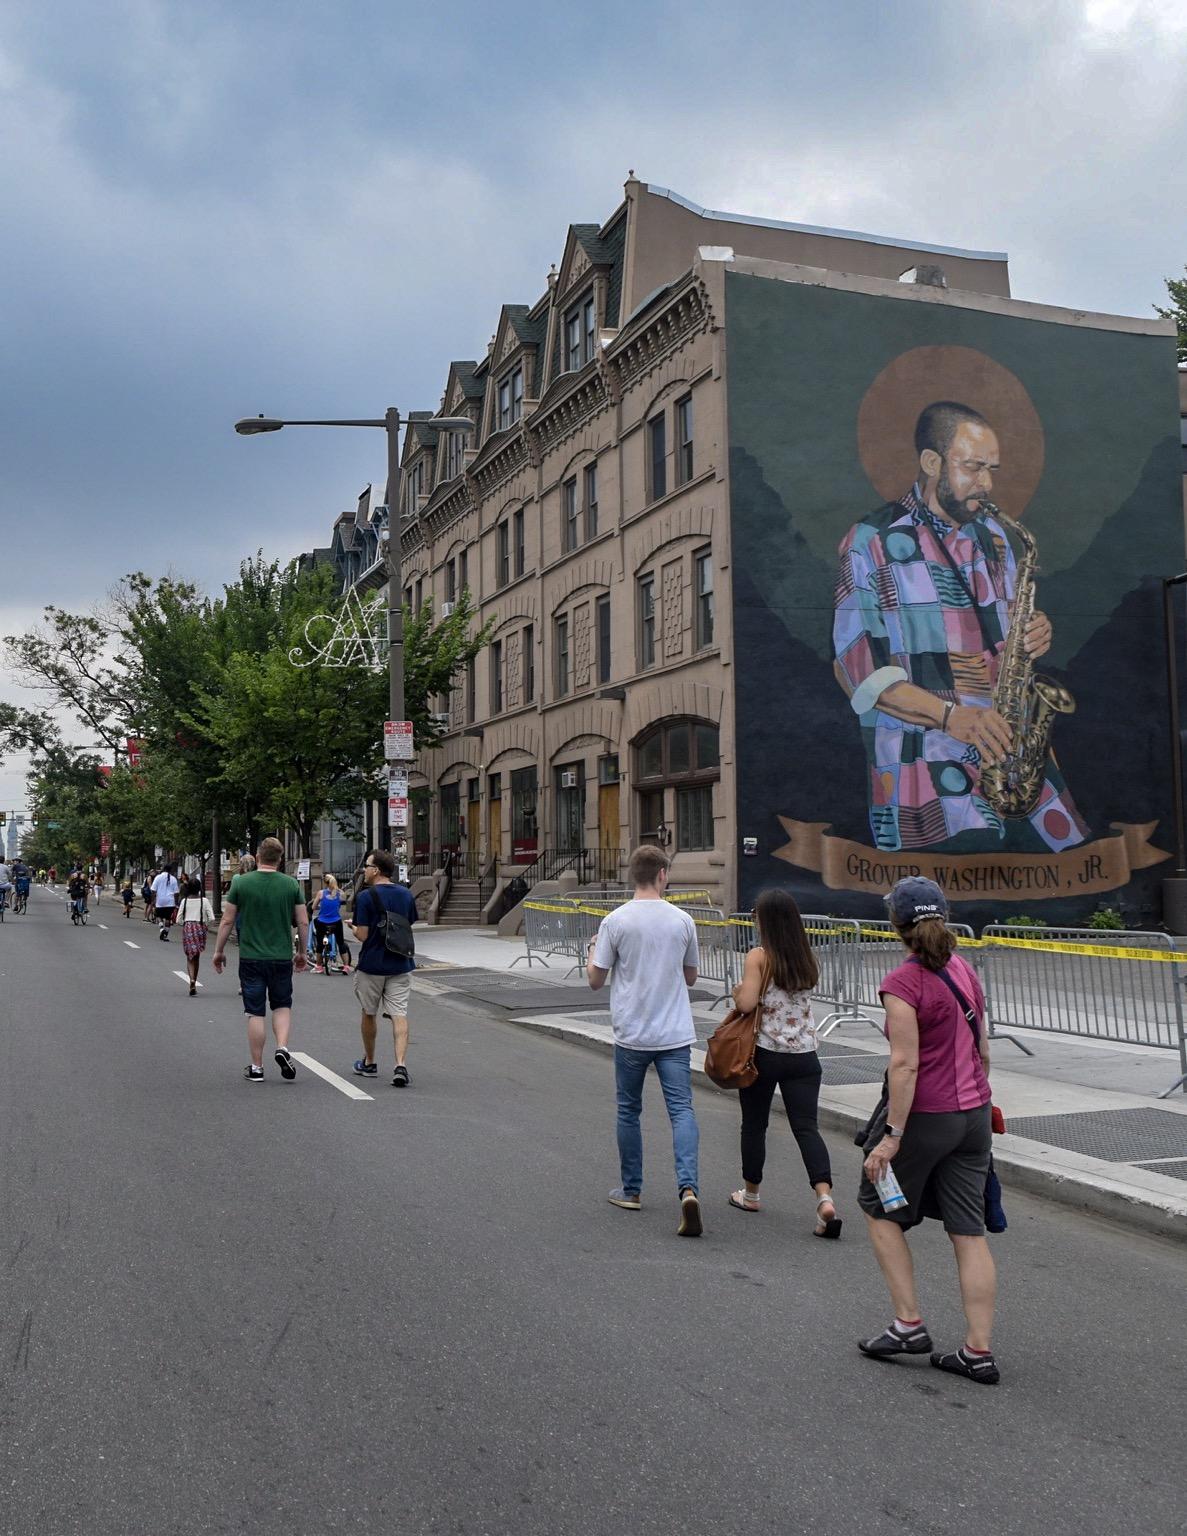 Grover Washington Jr. mural, North Broad